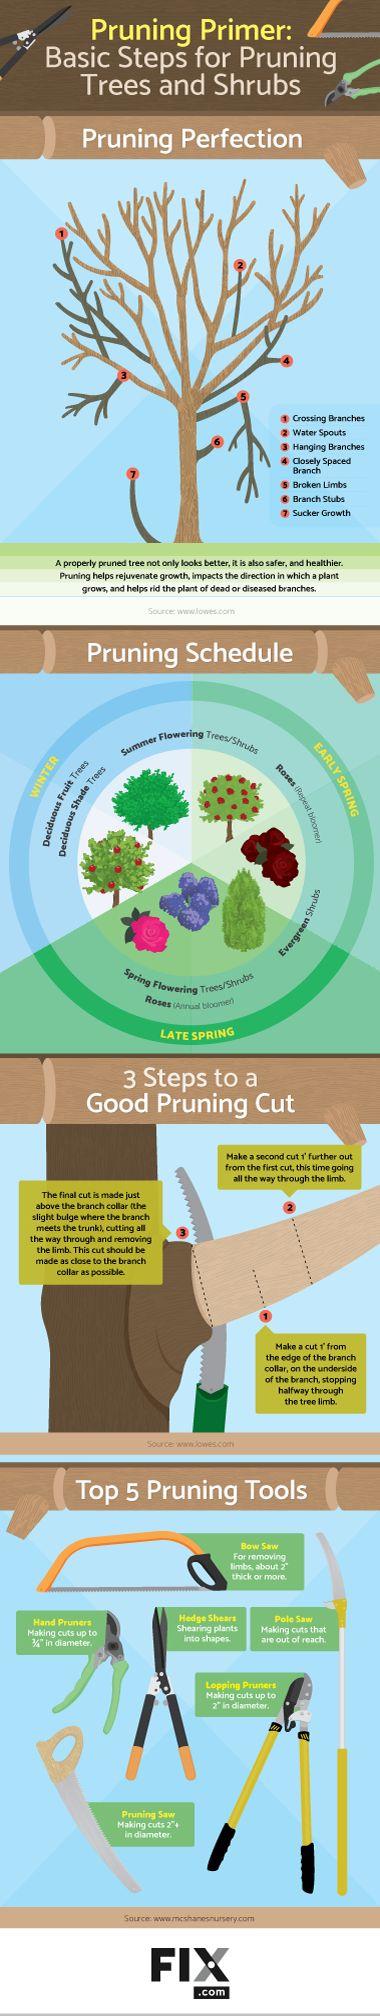 Pruning Primer